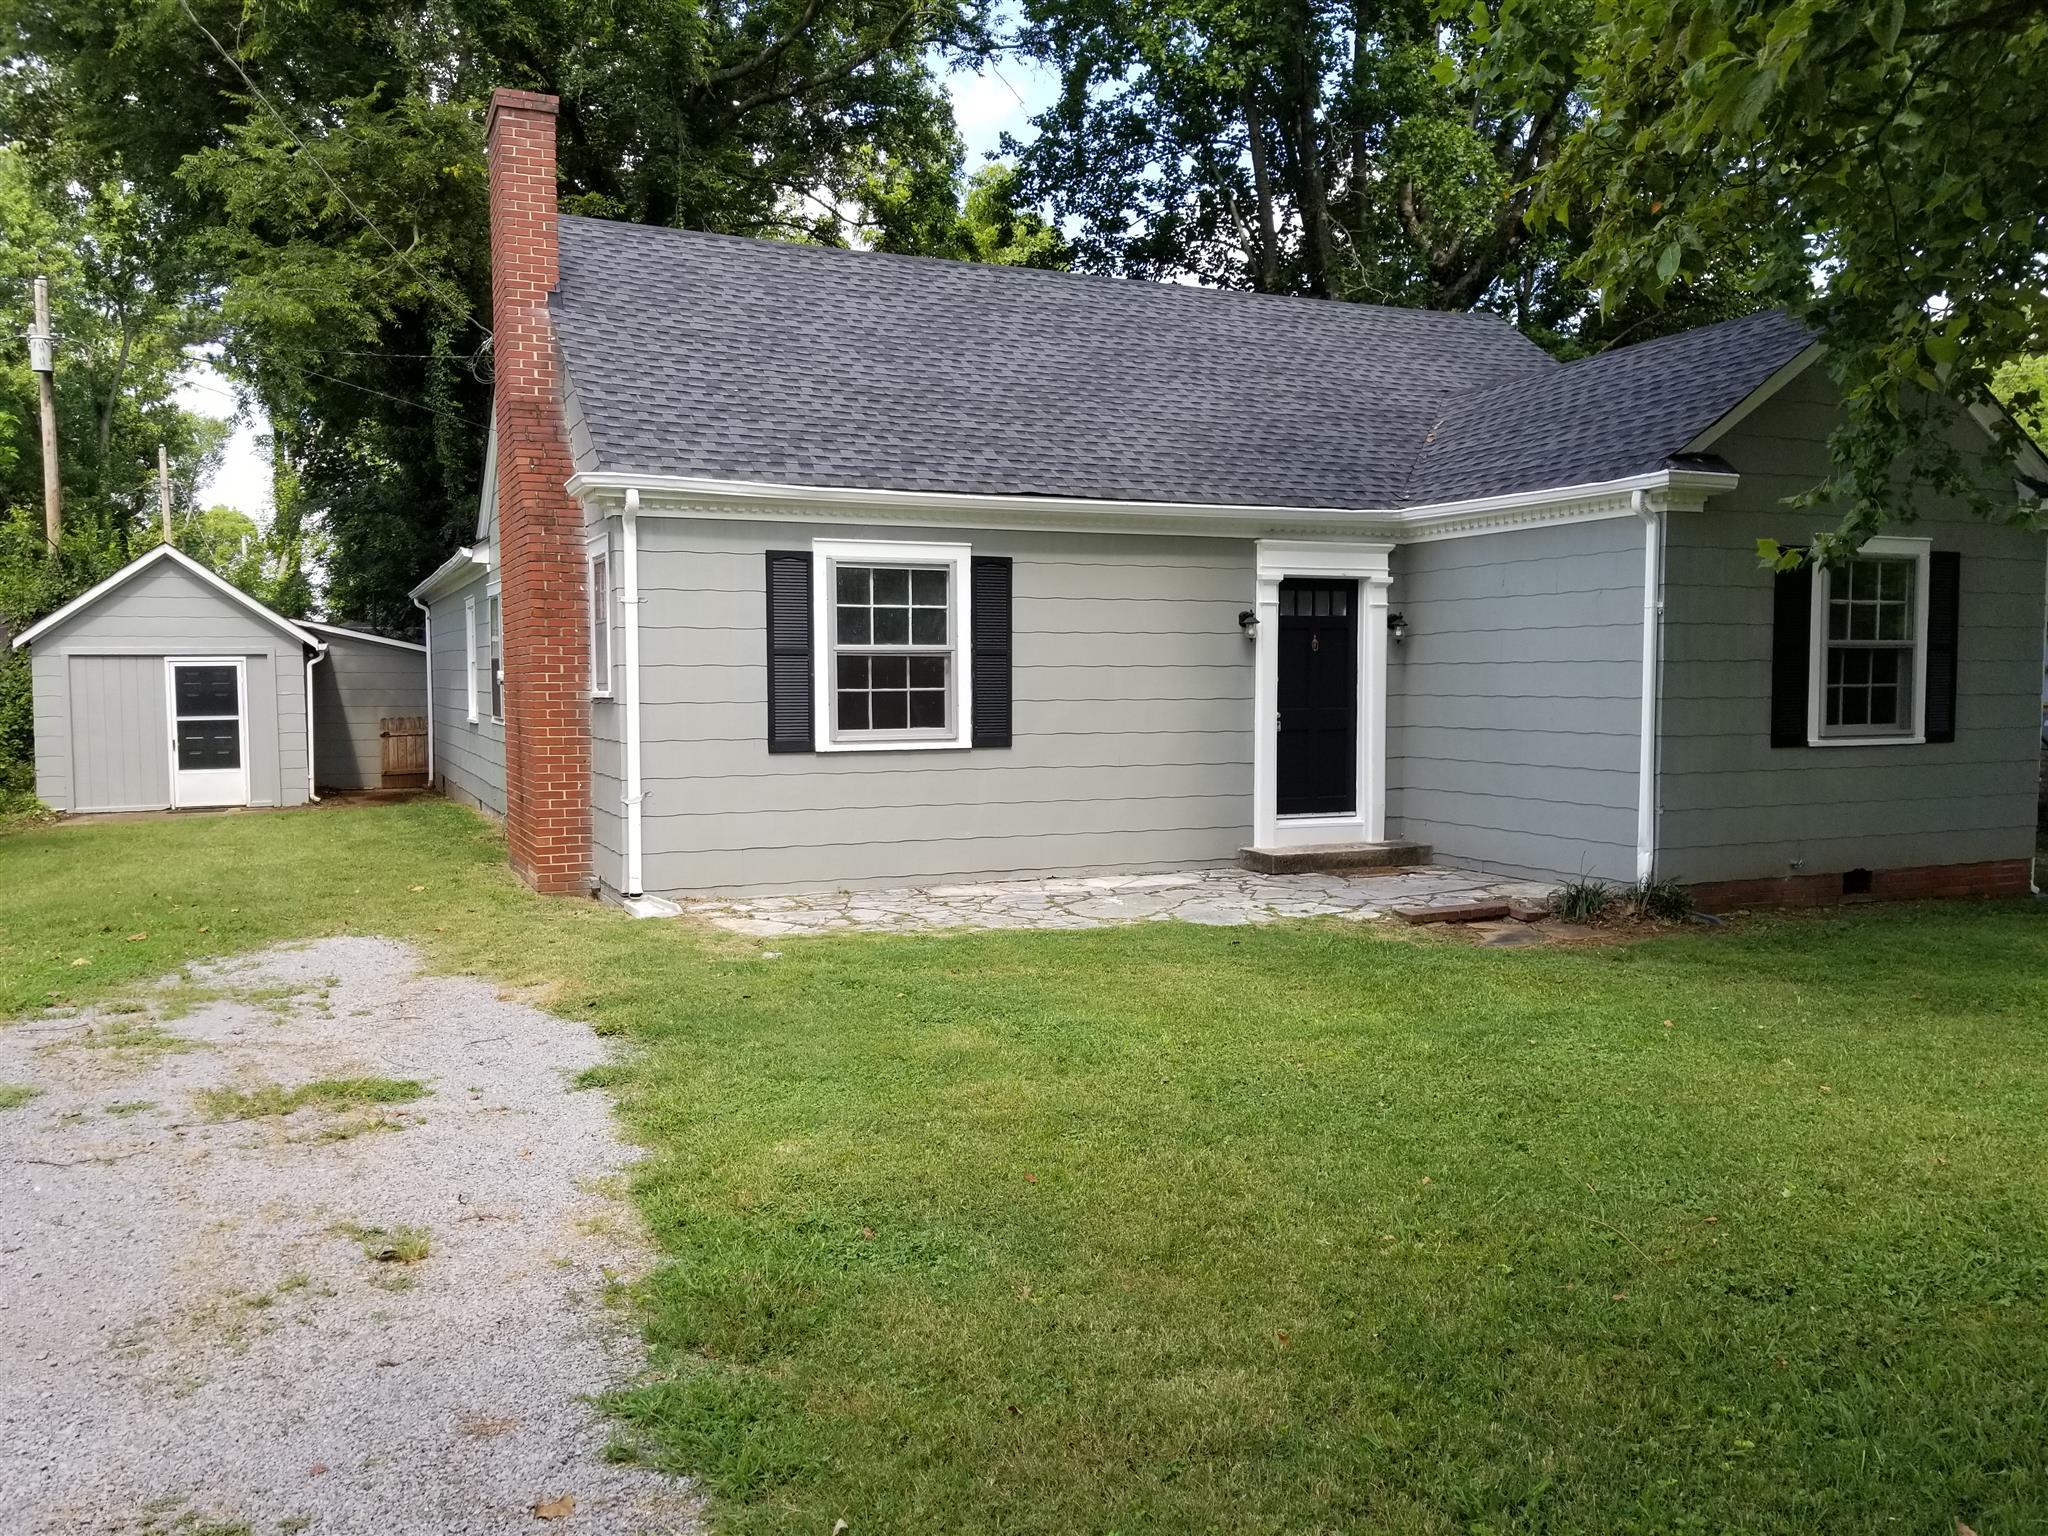 405 Hale Ave, Murfreesboro, TN 37130 - Murfreesboro, TN real estate listing